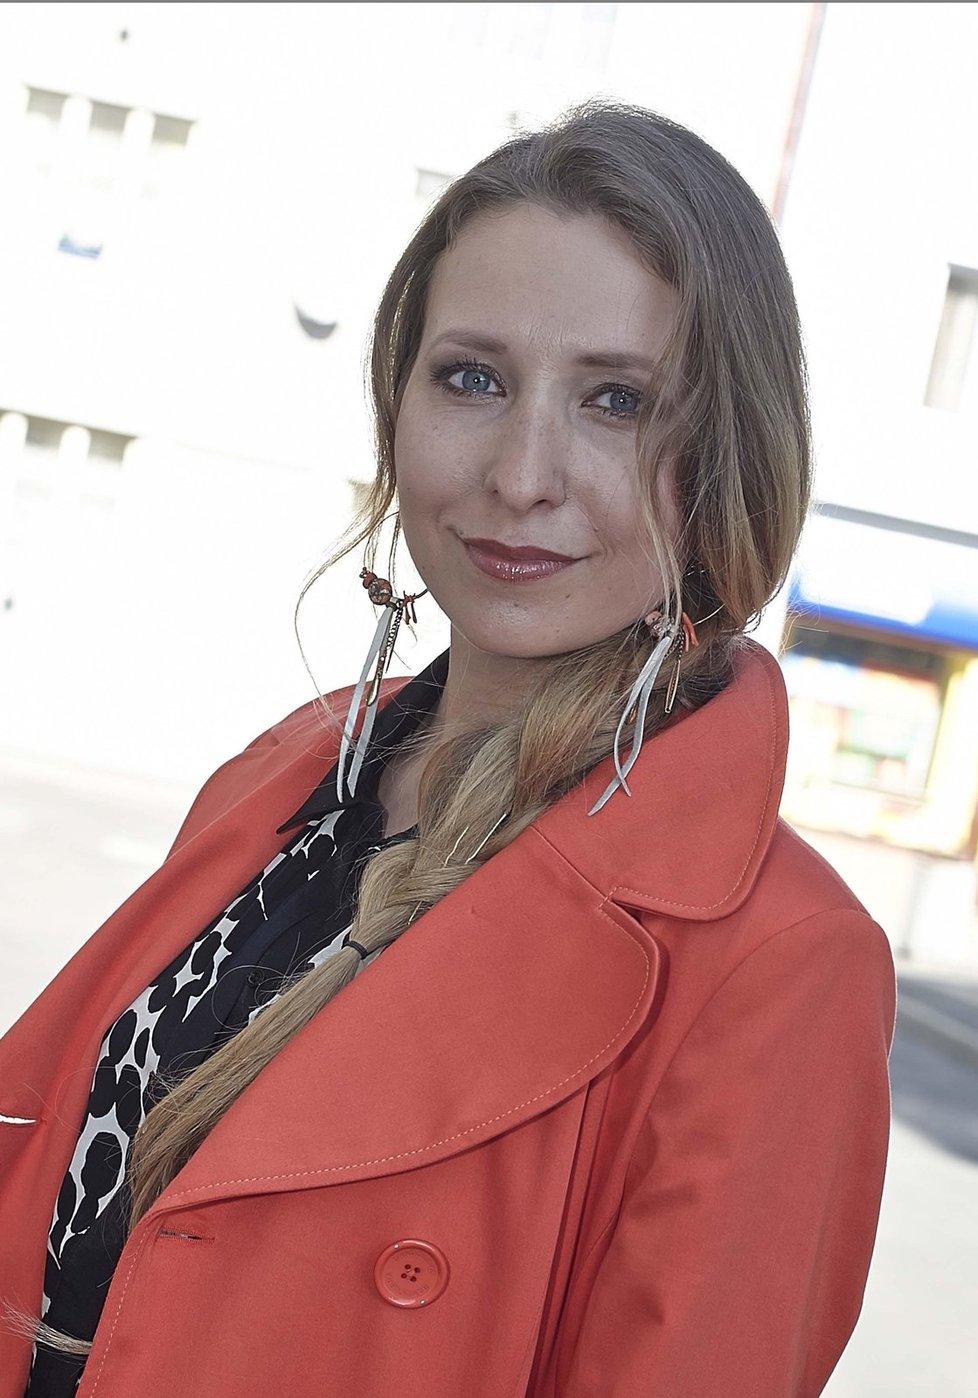 Tereza Bebarova Tereza Bebarova new picture